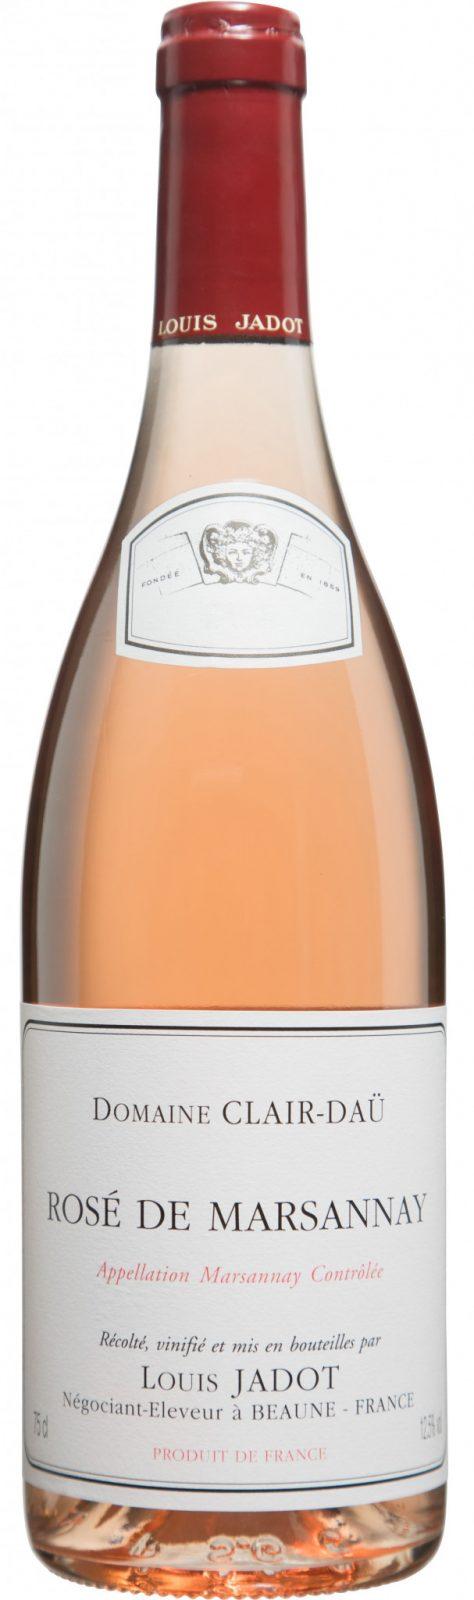 Jadot Rosé de Marsannay